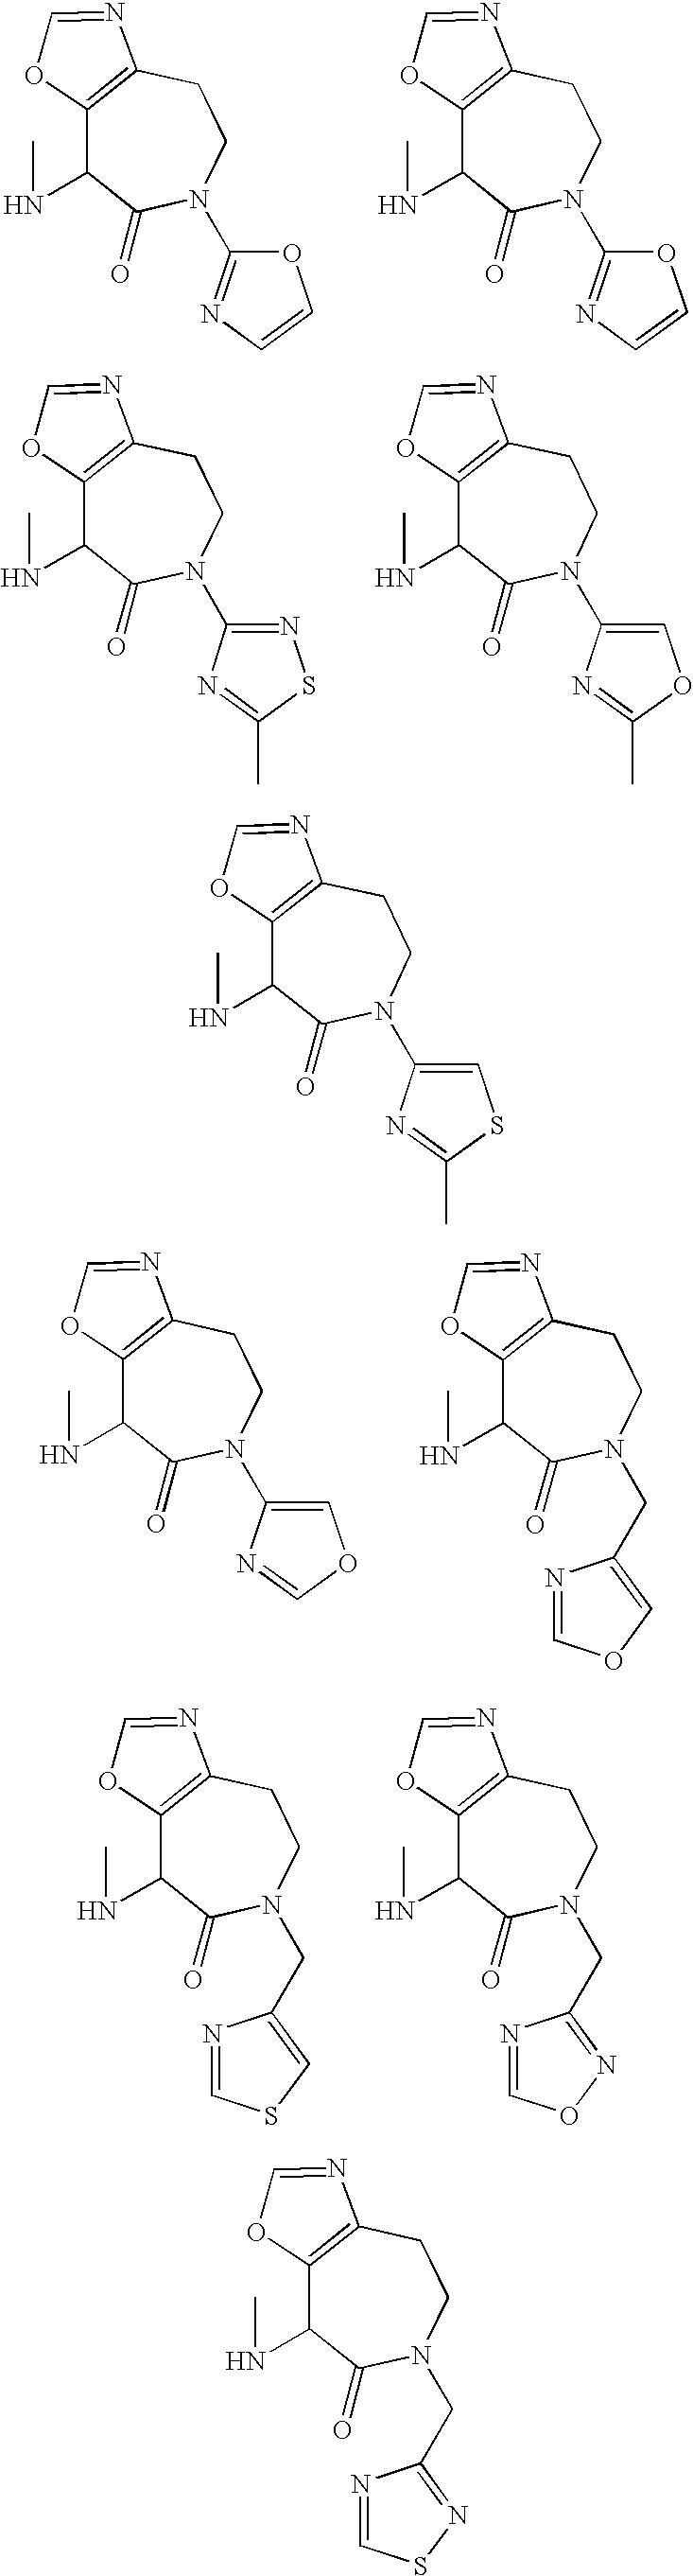 Figure US06509331-20030121-C00100